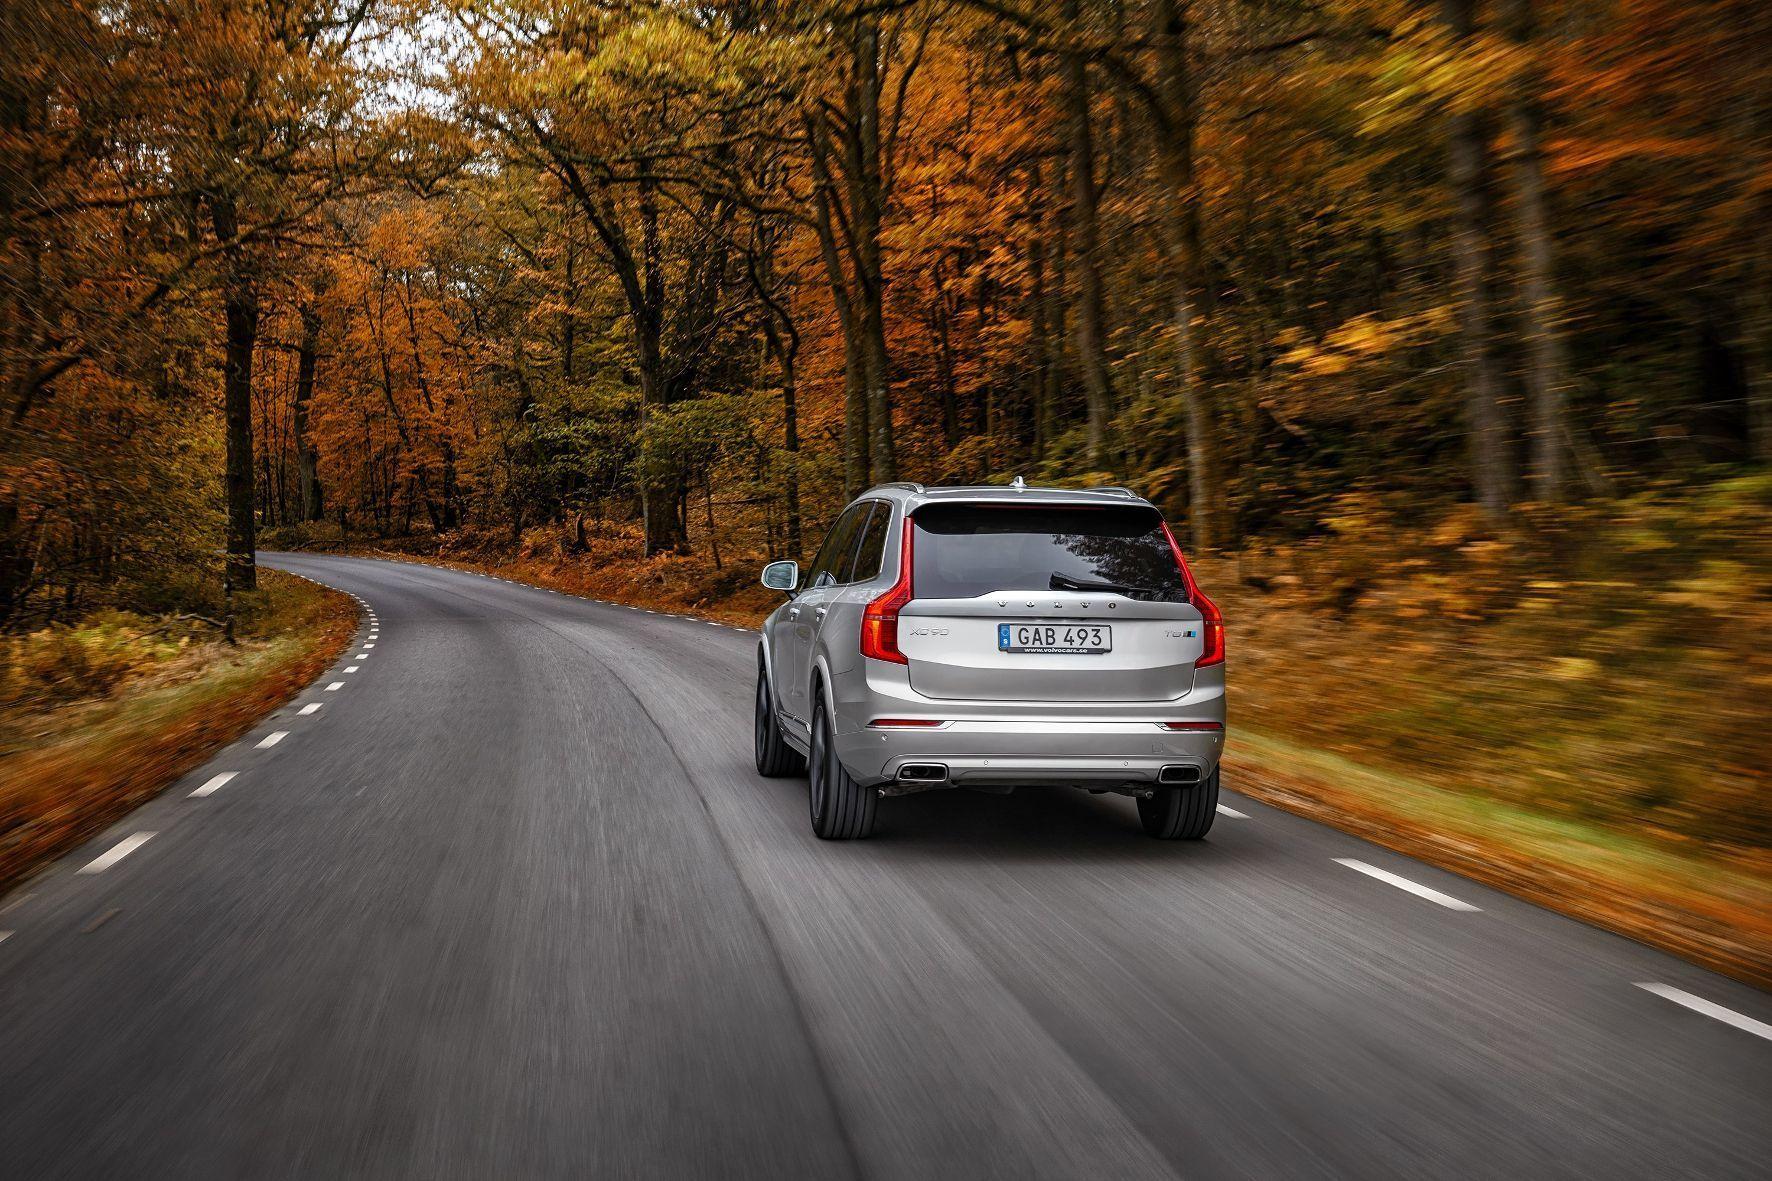 mid Groß-Gerau - Mit der neuen Polestar Performance Optimierung steigt die Systemleistung des Volvo XC90 T8 Twin Engine auf 421 PS.